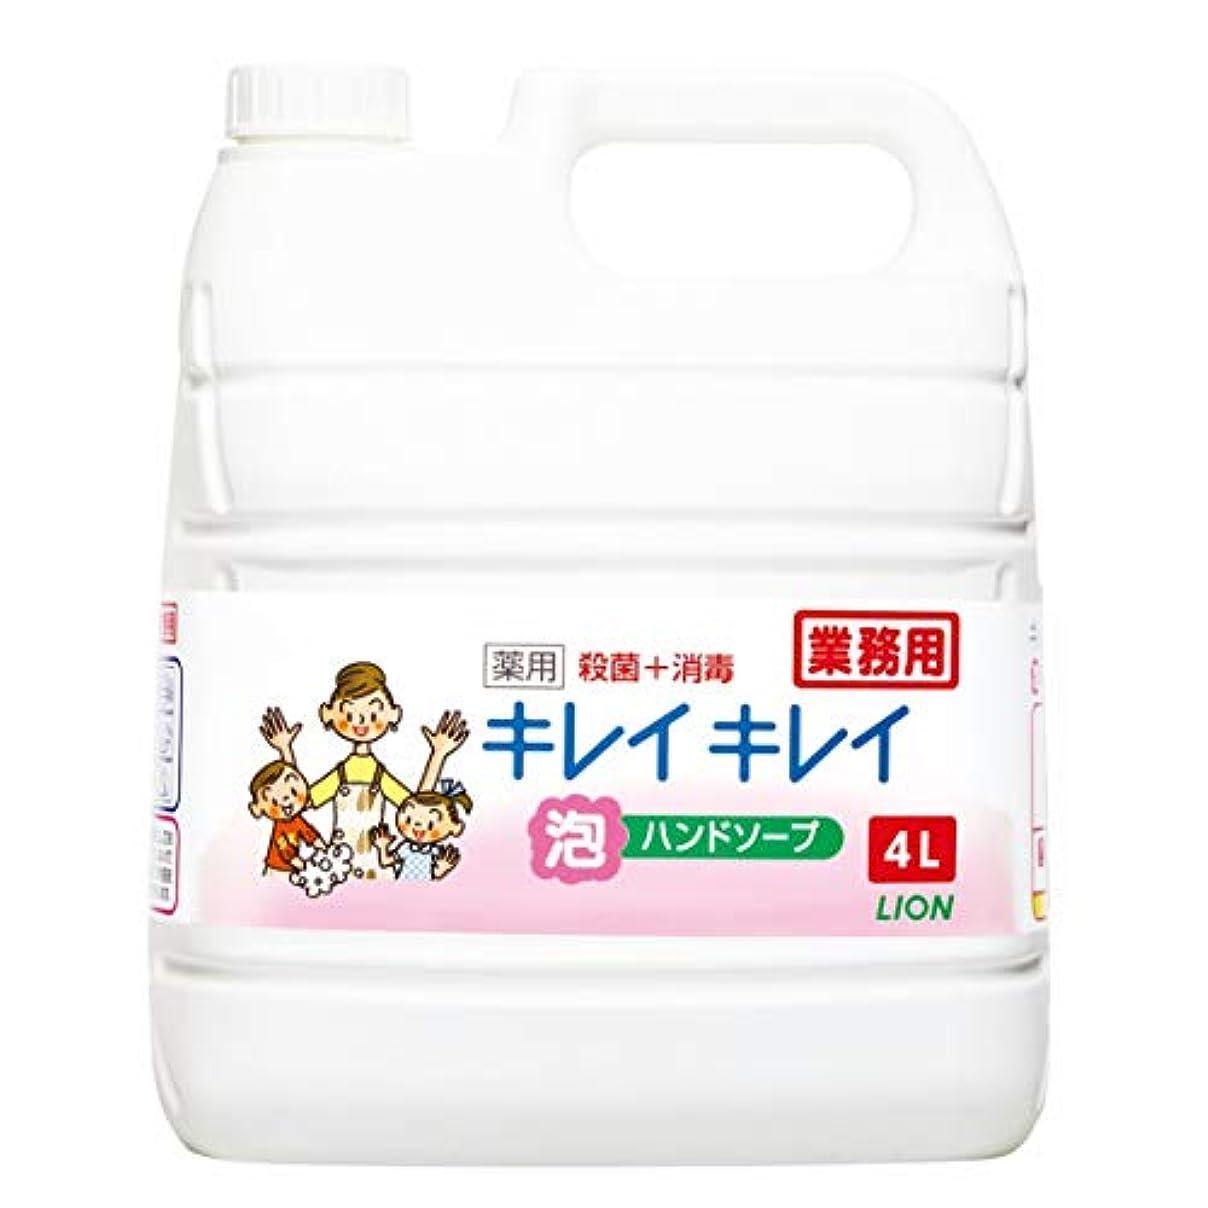 清める模索割り当てます【業務用 大容量】キレイキレイ 薬用 泡ハンドソープ シトラスフルーティの香り 液体 単品 4L(医薬部外品)